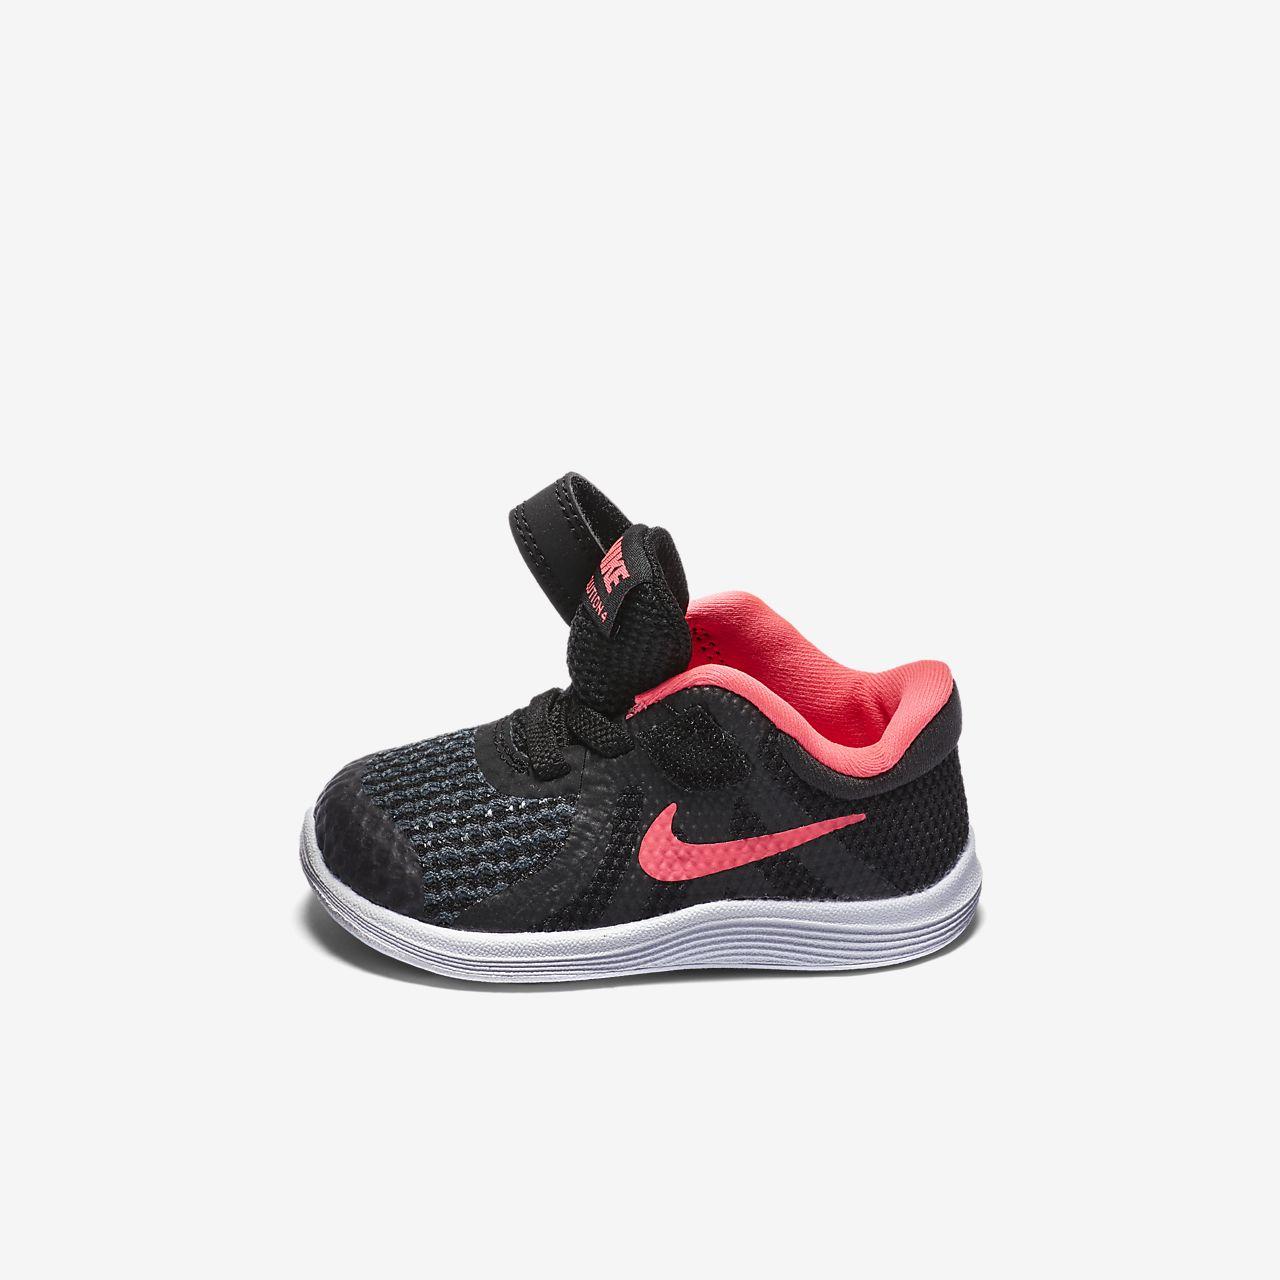 more photos 4a48e 253fe ... Sko Nike Revolution 4 för baby små barn